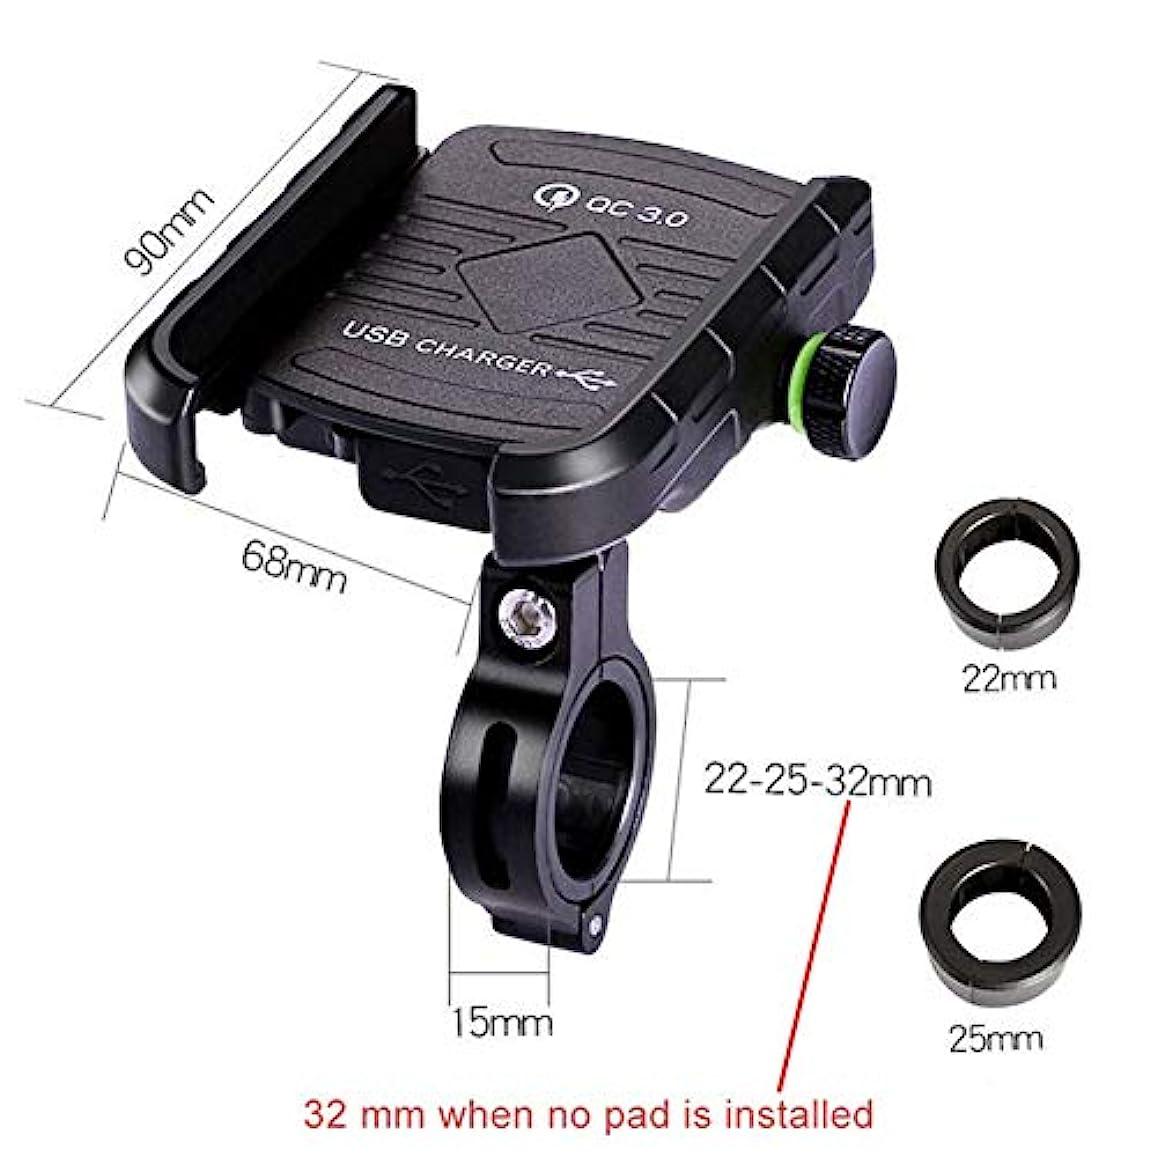 有毒切手ステレオタイプ自転車オートバイ携帯電話マウントホルダー - オートバイ/自転車USB充電器QC 3.0高速充電電話ブラケット、あらゆるスマートフォンGPS用 - ユニバーサルマウンテンロードバイクオートバイ